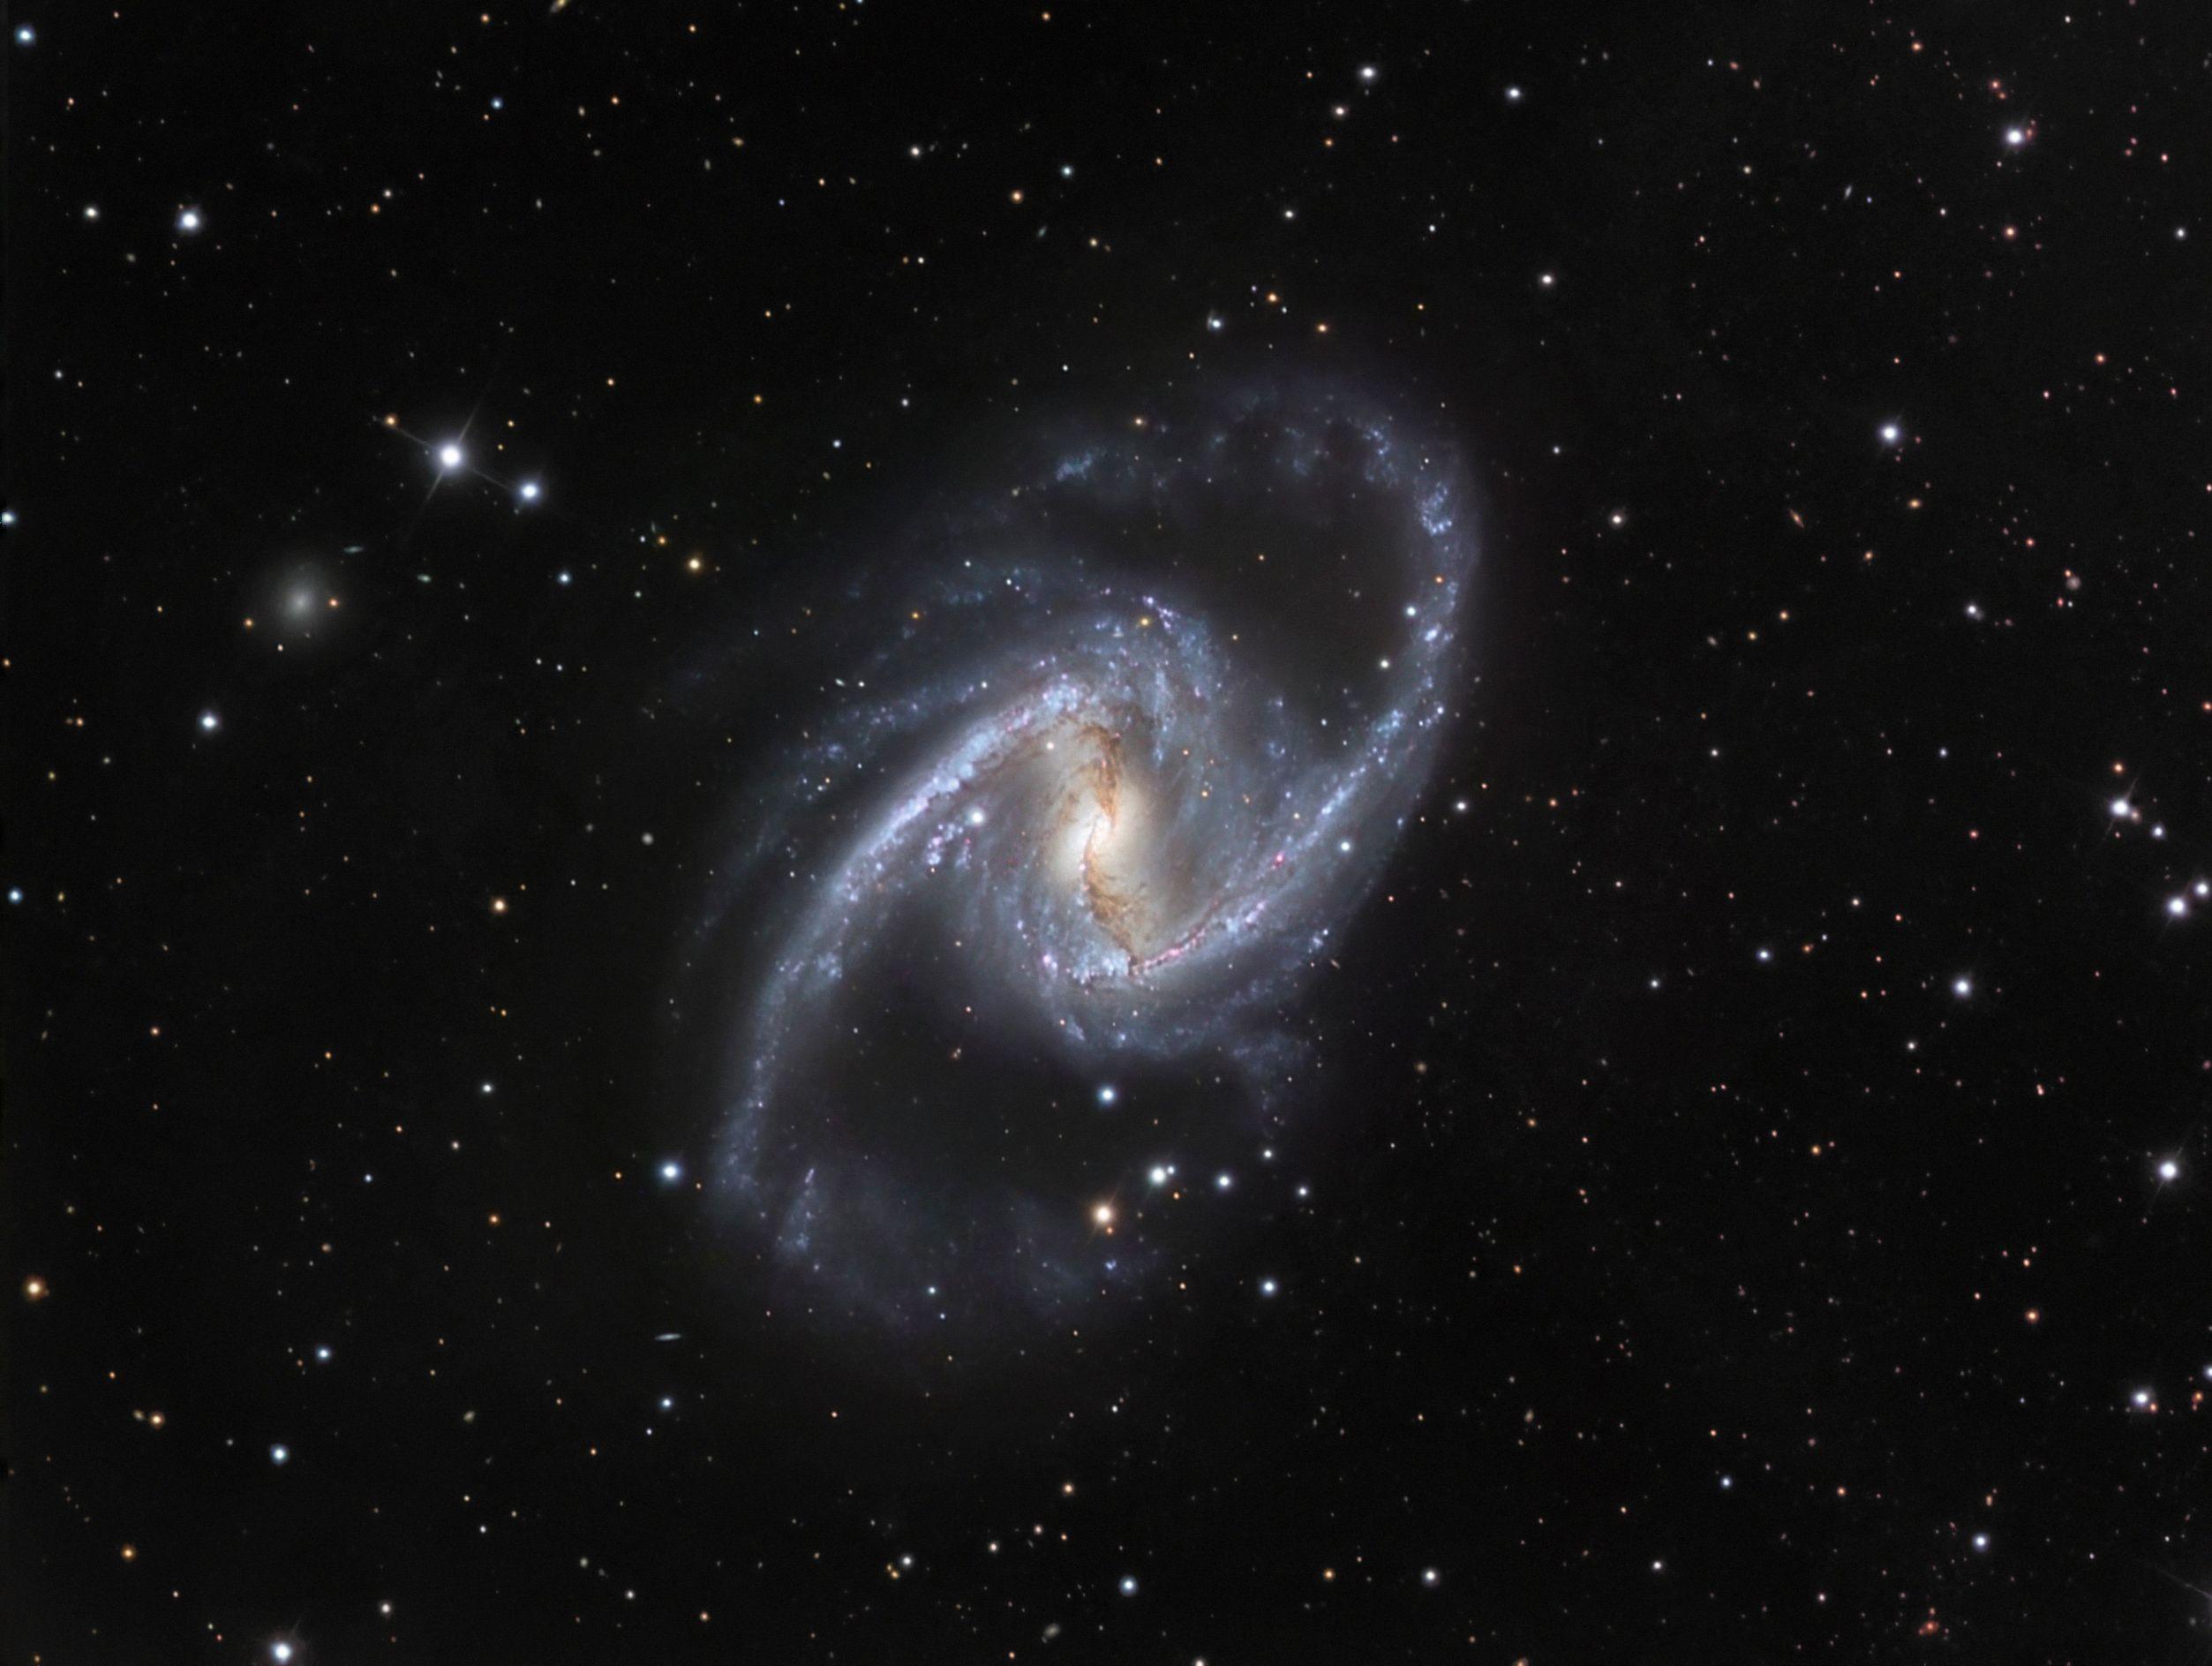 Les mystères de l'Univers : peut-on croire à la vie extraterrestre ?